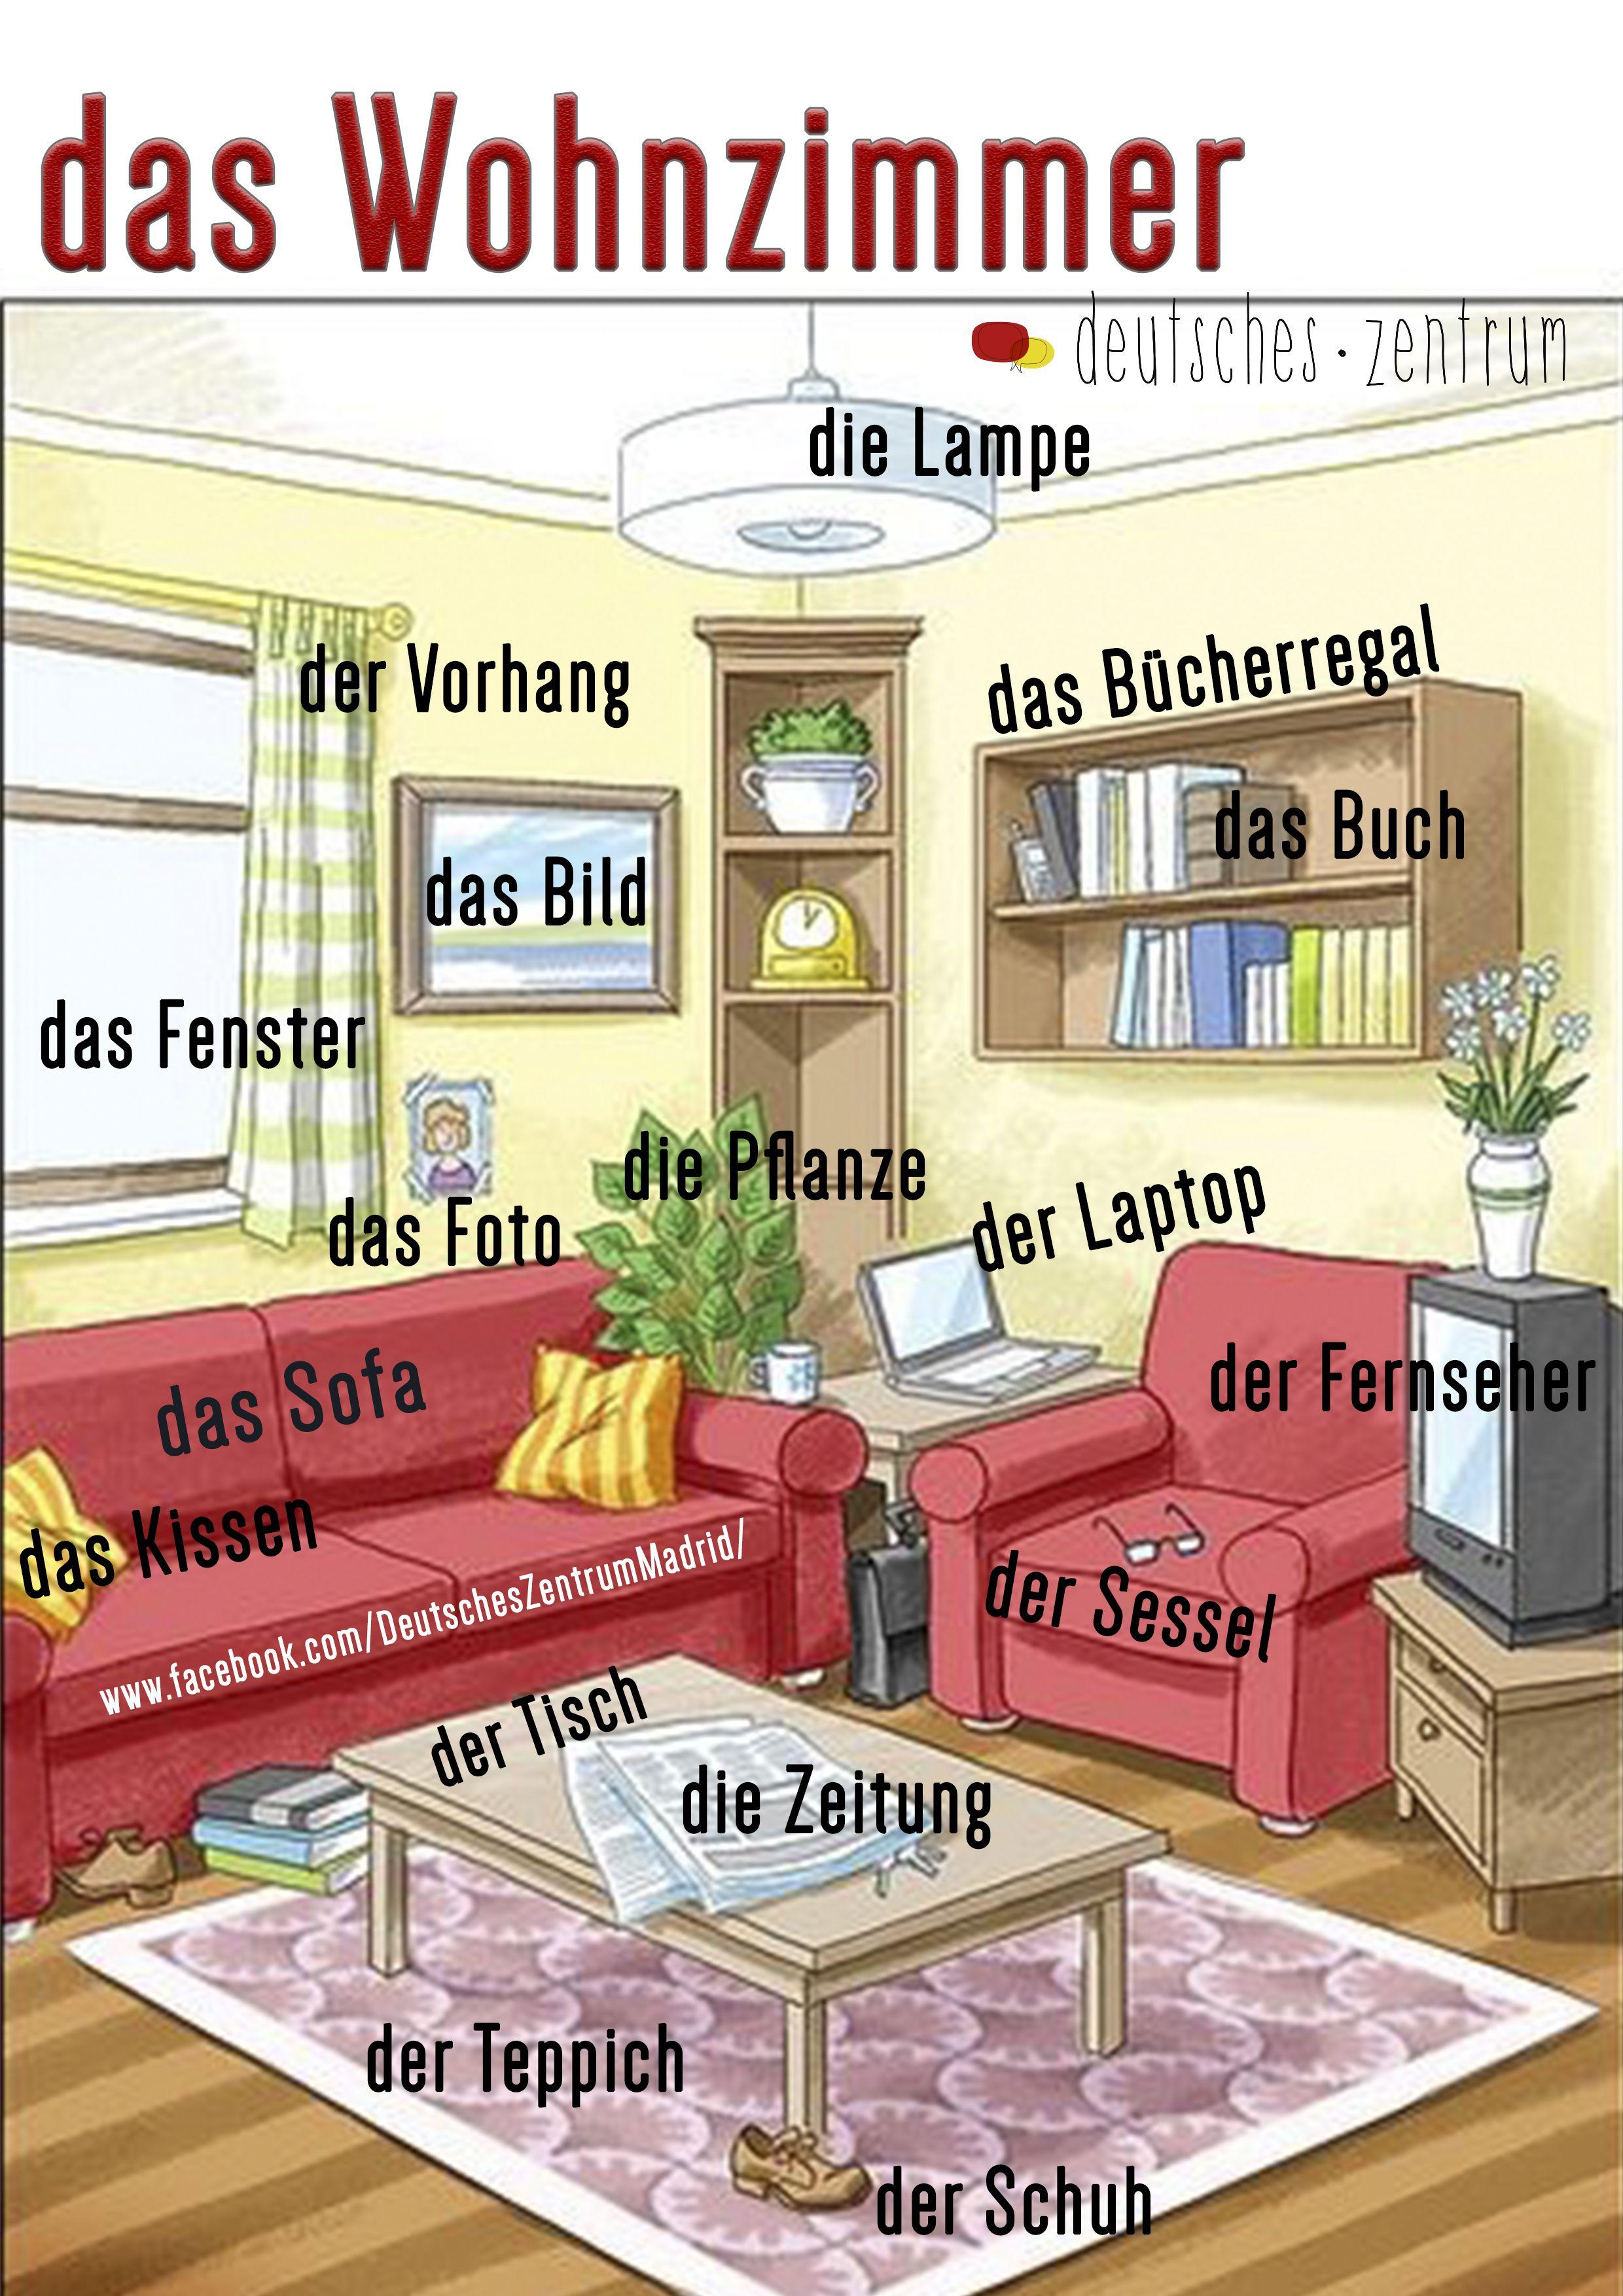 Wohnzimmer Deutsch Wortschatz Grammatik Alemn German DAF